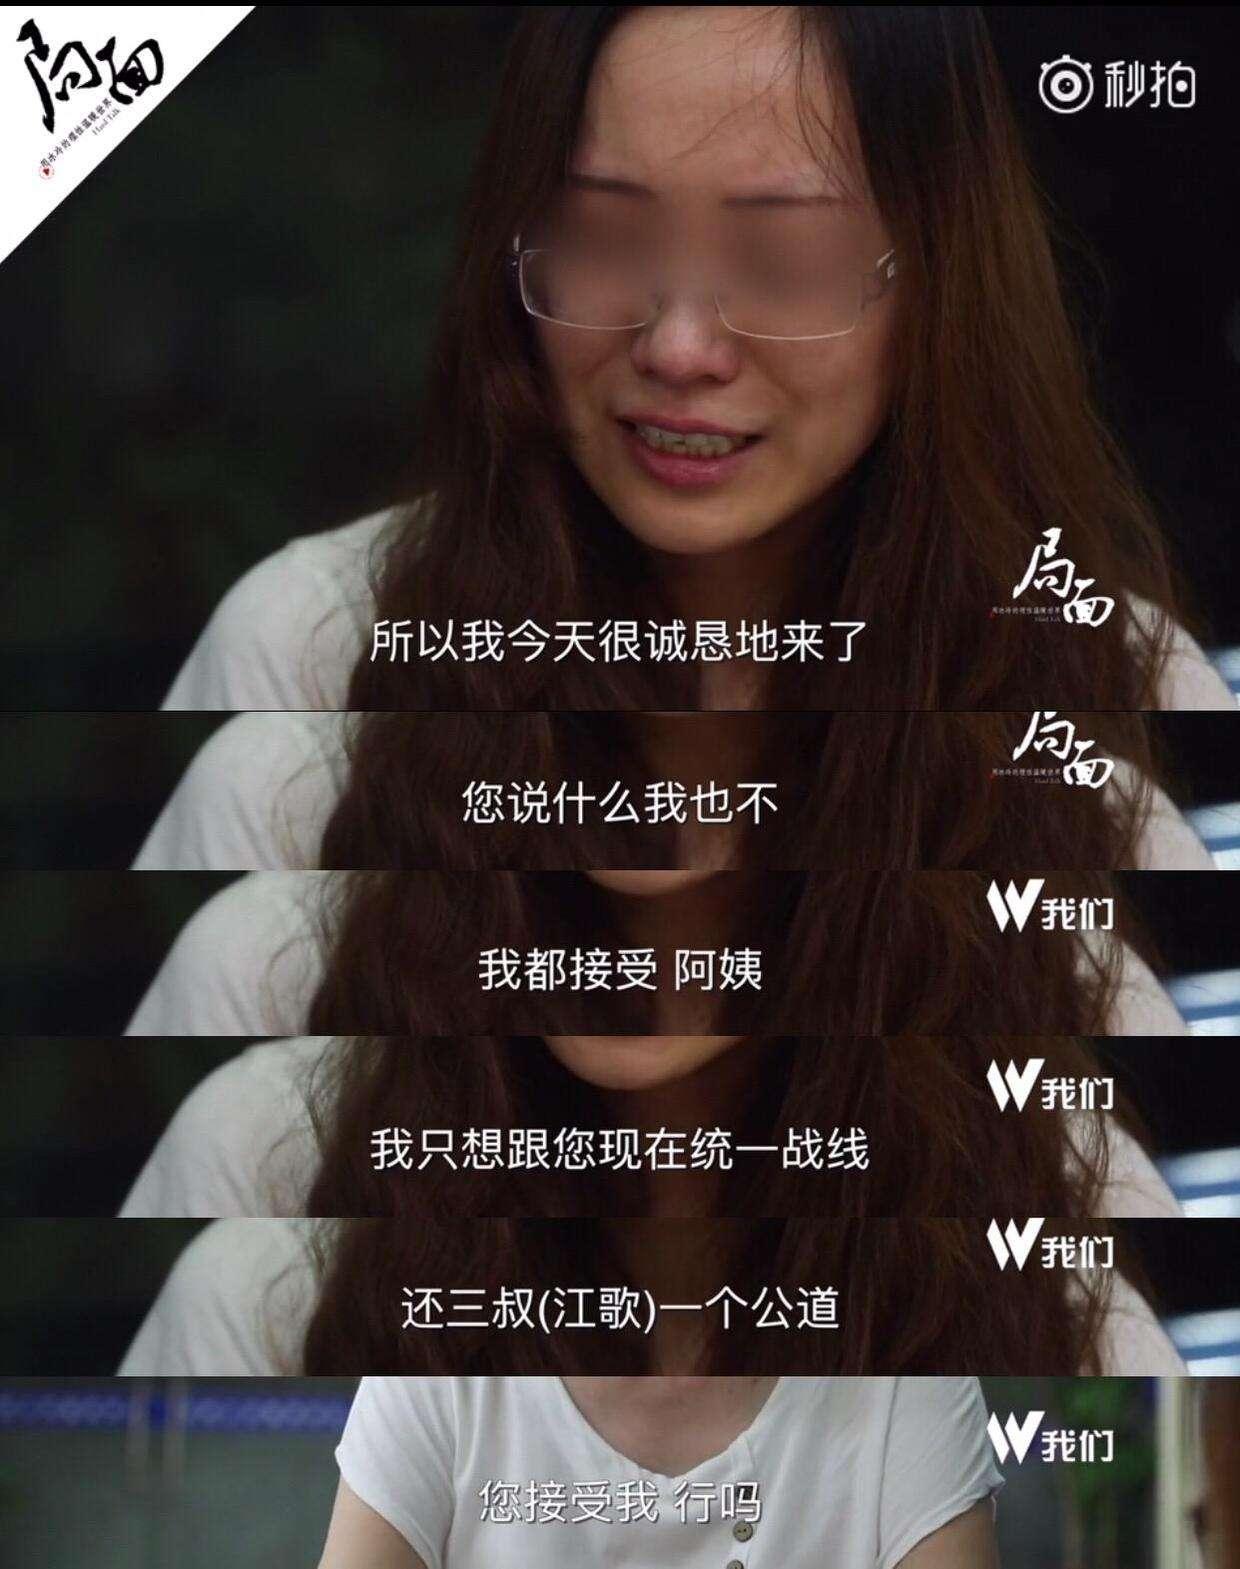 别再劝江歌妈妈放下仇恨 无法报仇才是对她的残忍